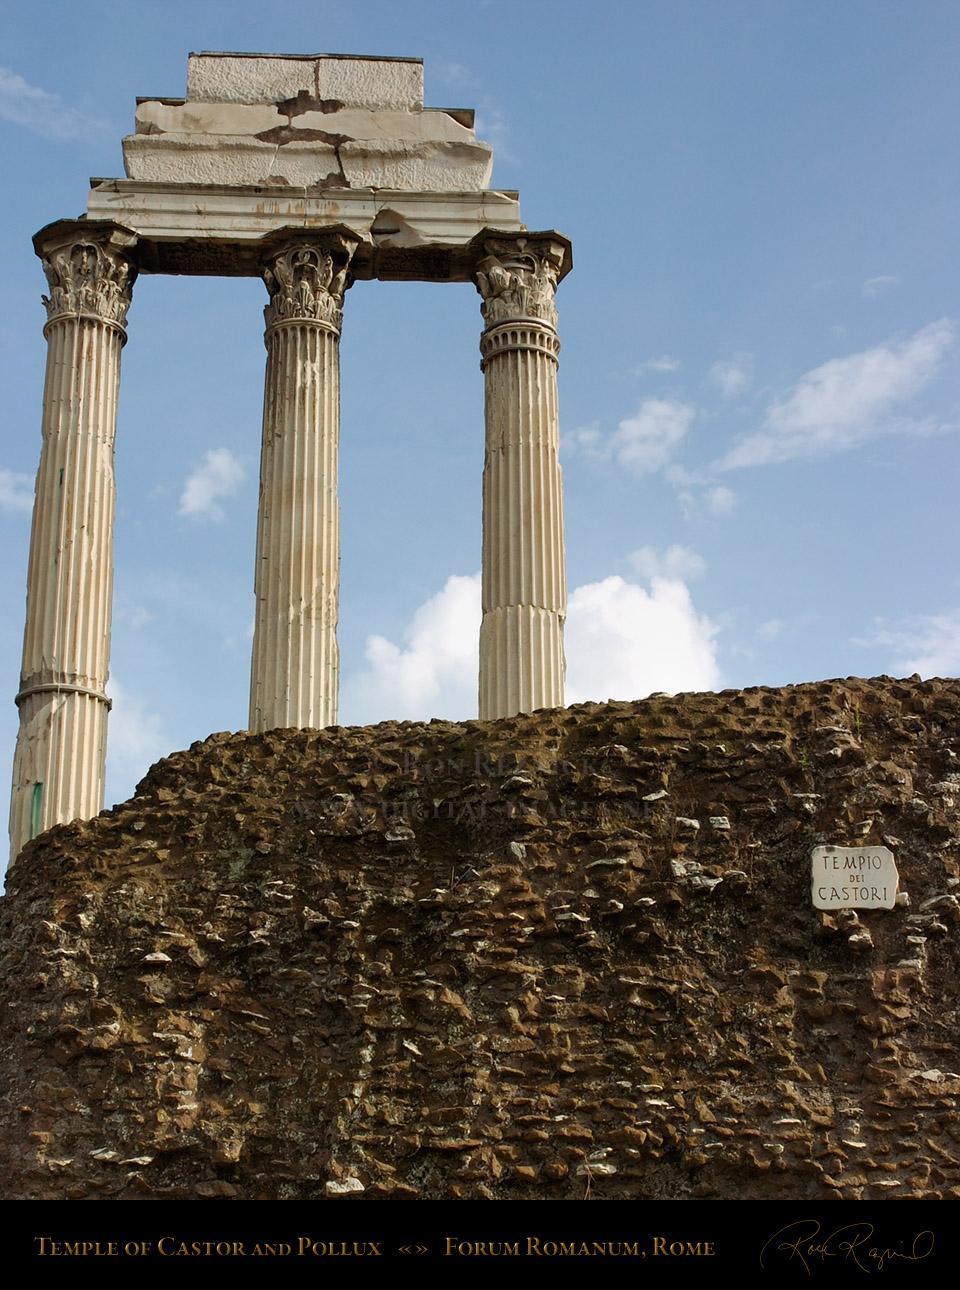 The Forum Romanum